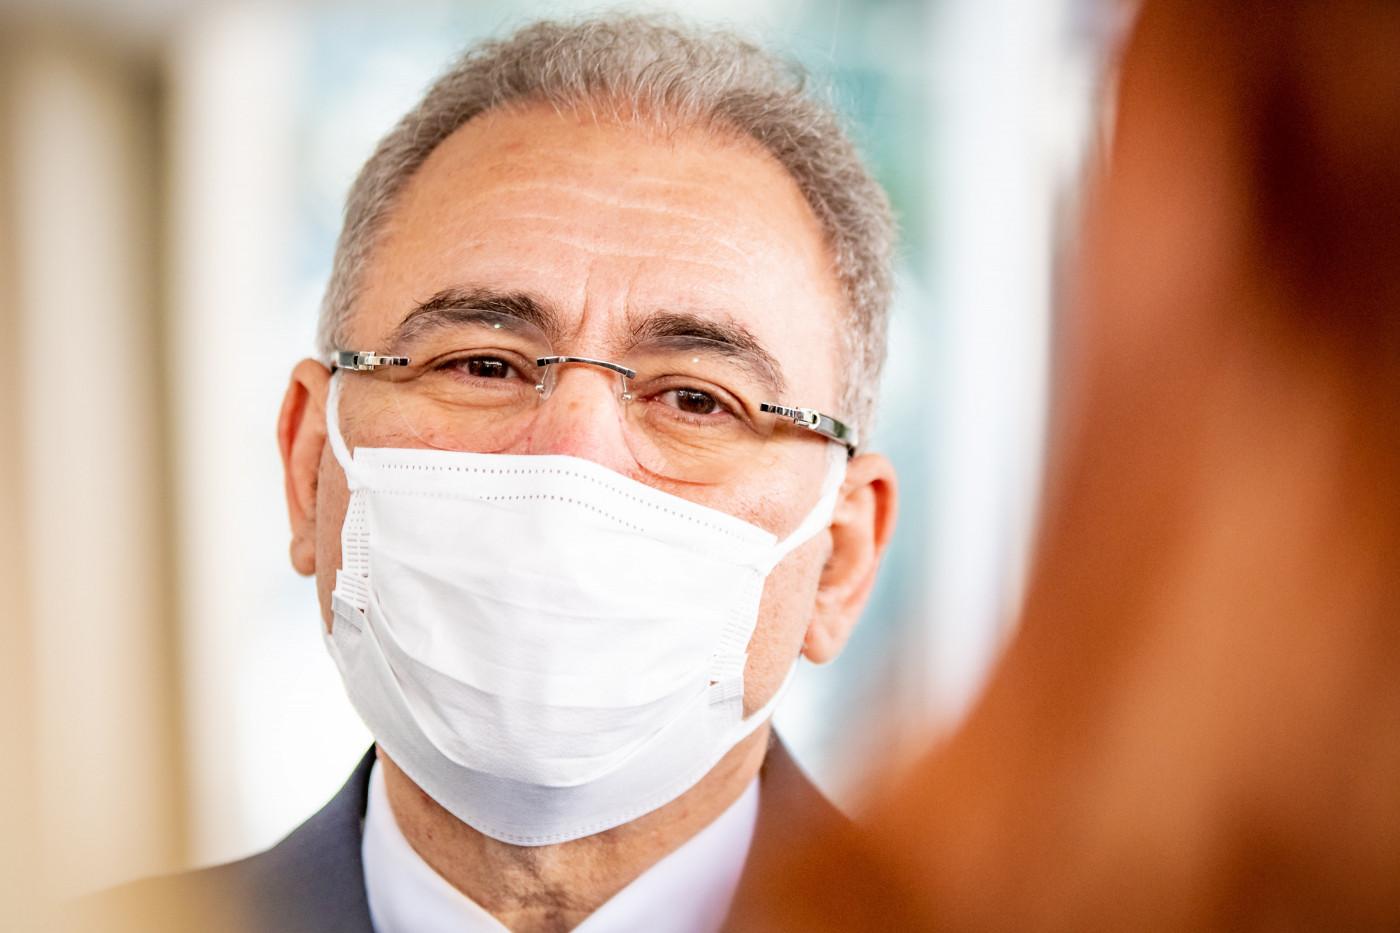 Ministro da Saúde, Marcelo Queiroga, usa máscara branca